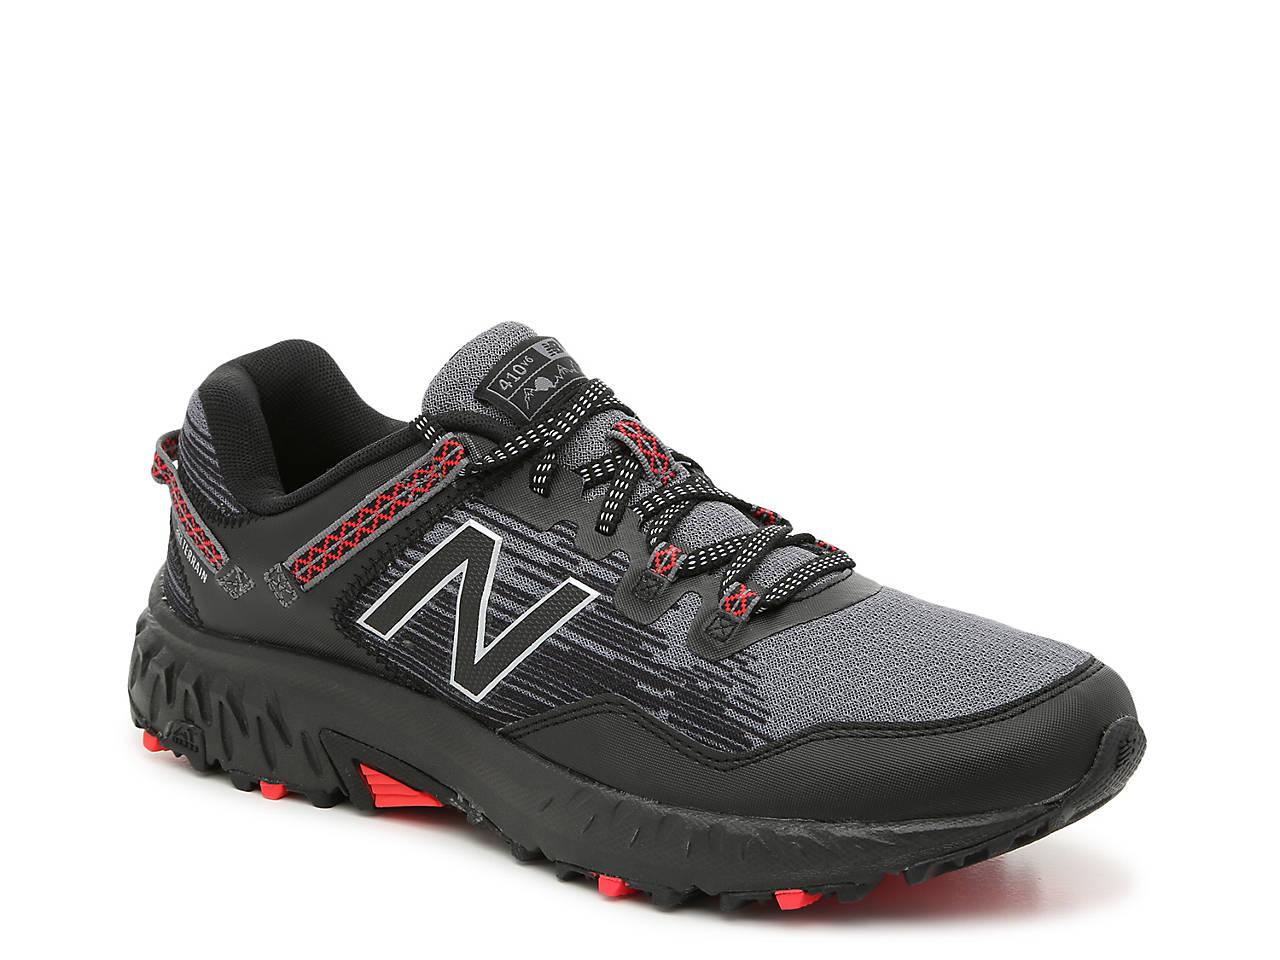 3ba43cd3394ad New Balance 410 v6 Running Shoe - Men's Men's Shoes | DSW